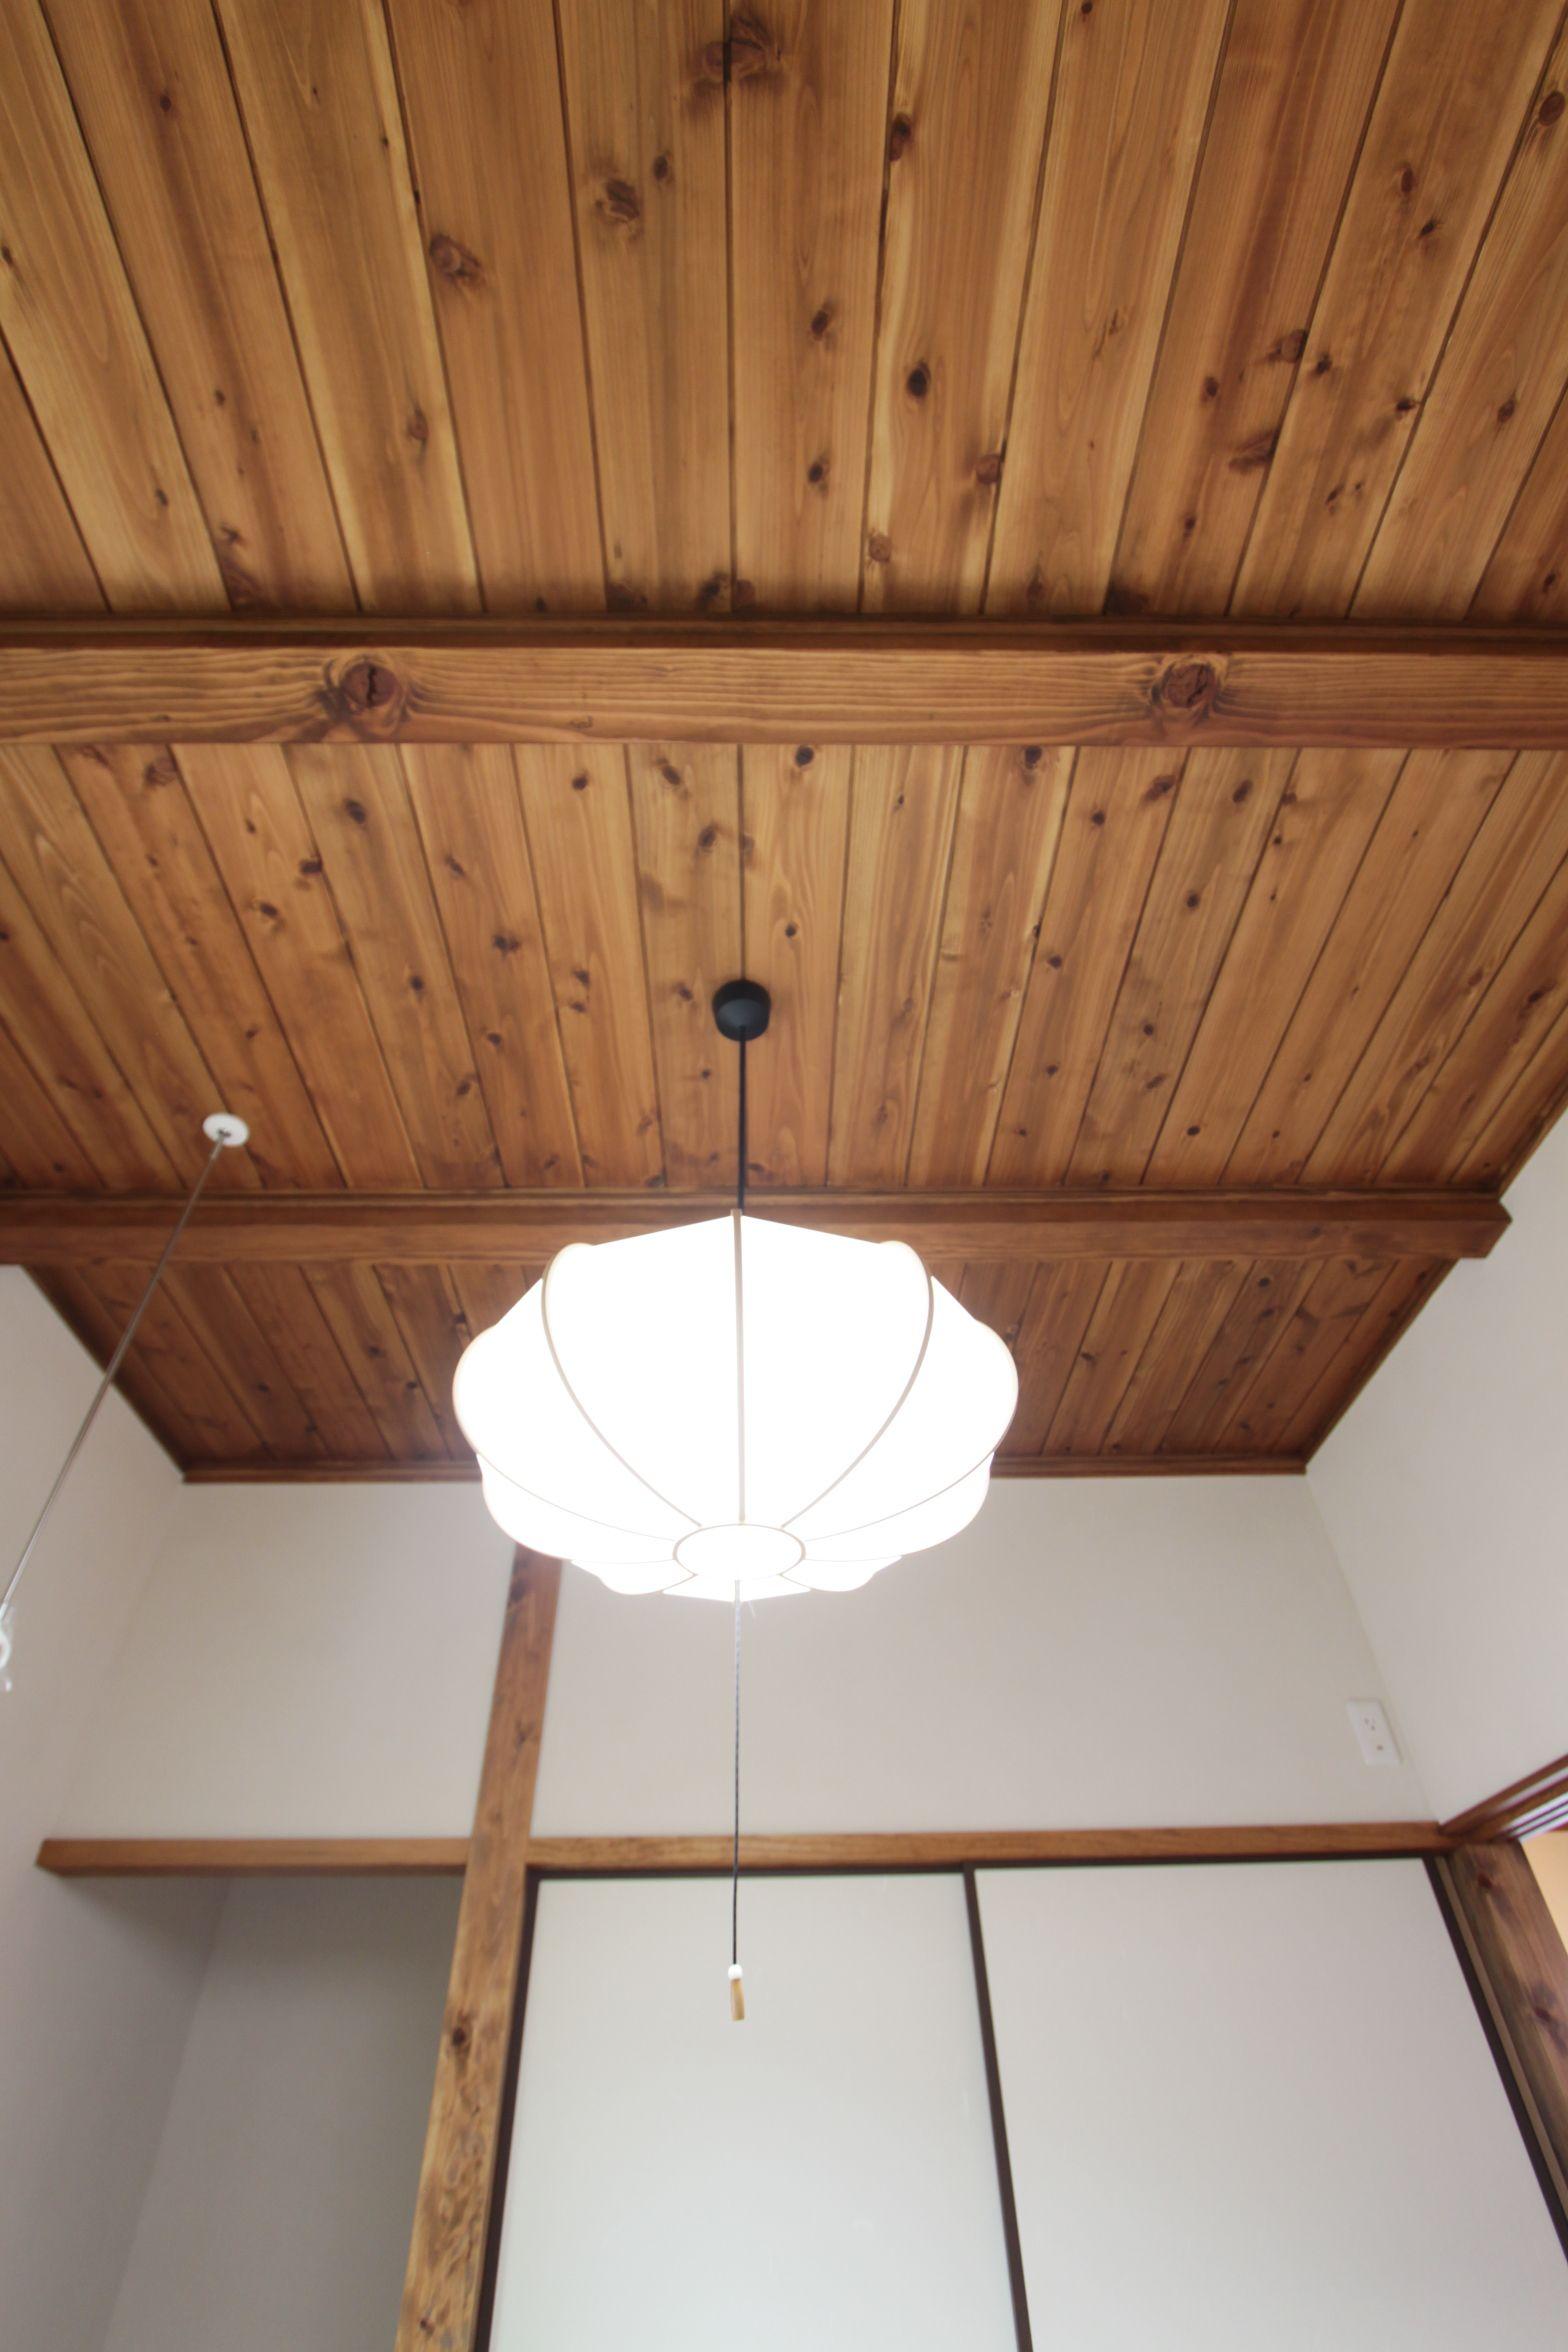 古民家風 落ち着いた佇まいのお家 アンシン建設工業の写真集 天井